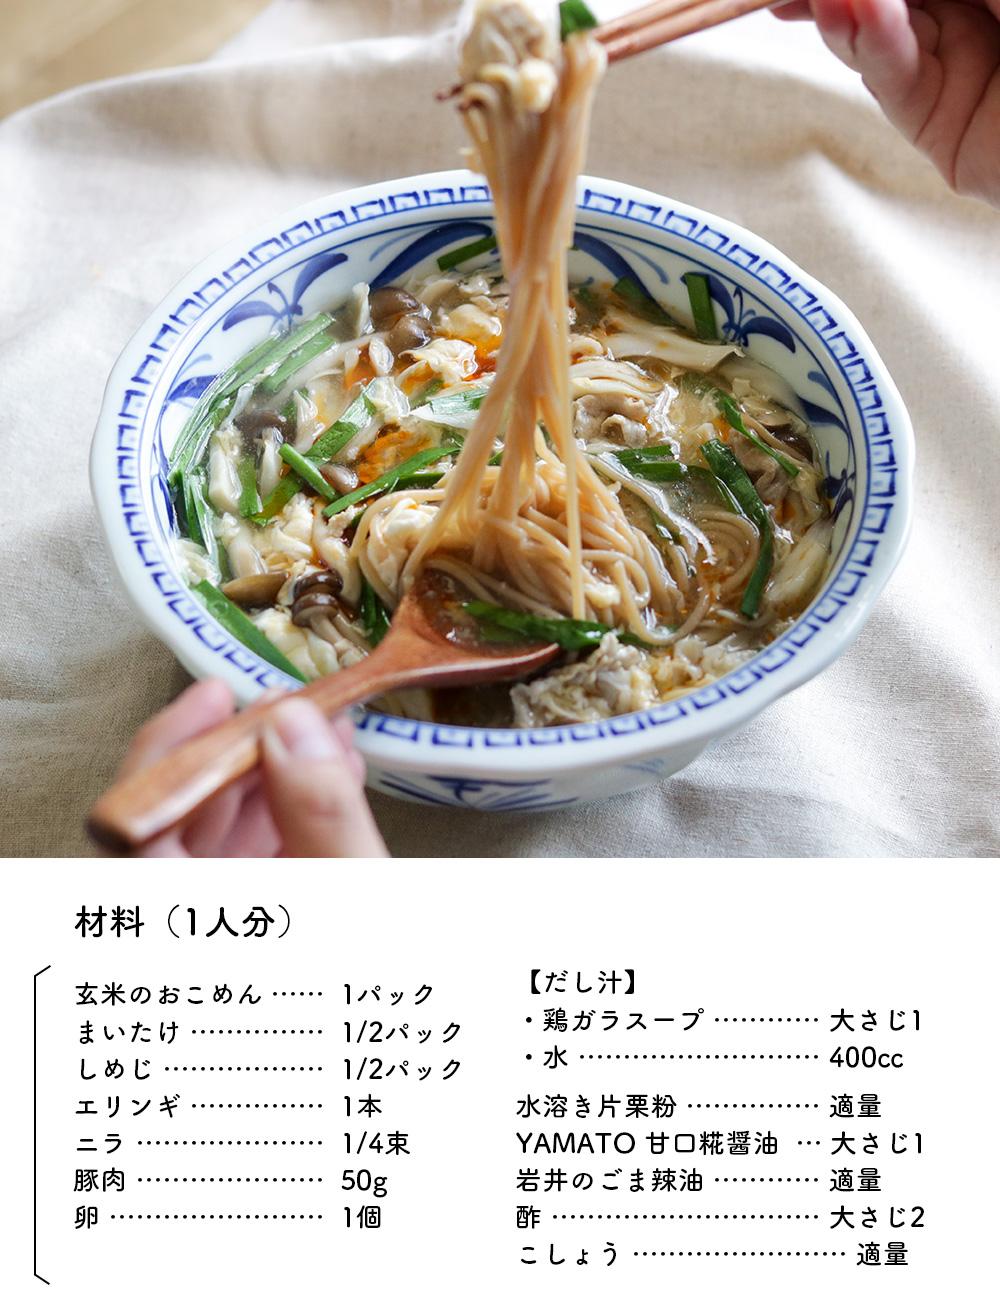 """<font color=""""#b8860b"""">大好評の玄米麺を熱々で。<br /> たっぷりきのこの歯ごたえが嬉しい。</font><br /> <font size=""""+1"""">きのこのおこめん酸辣湯</font>"""